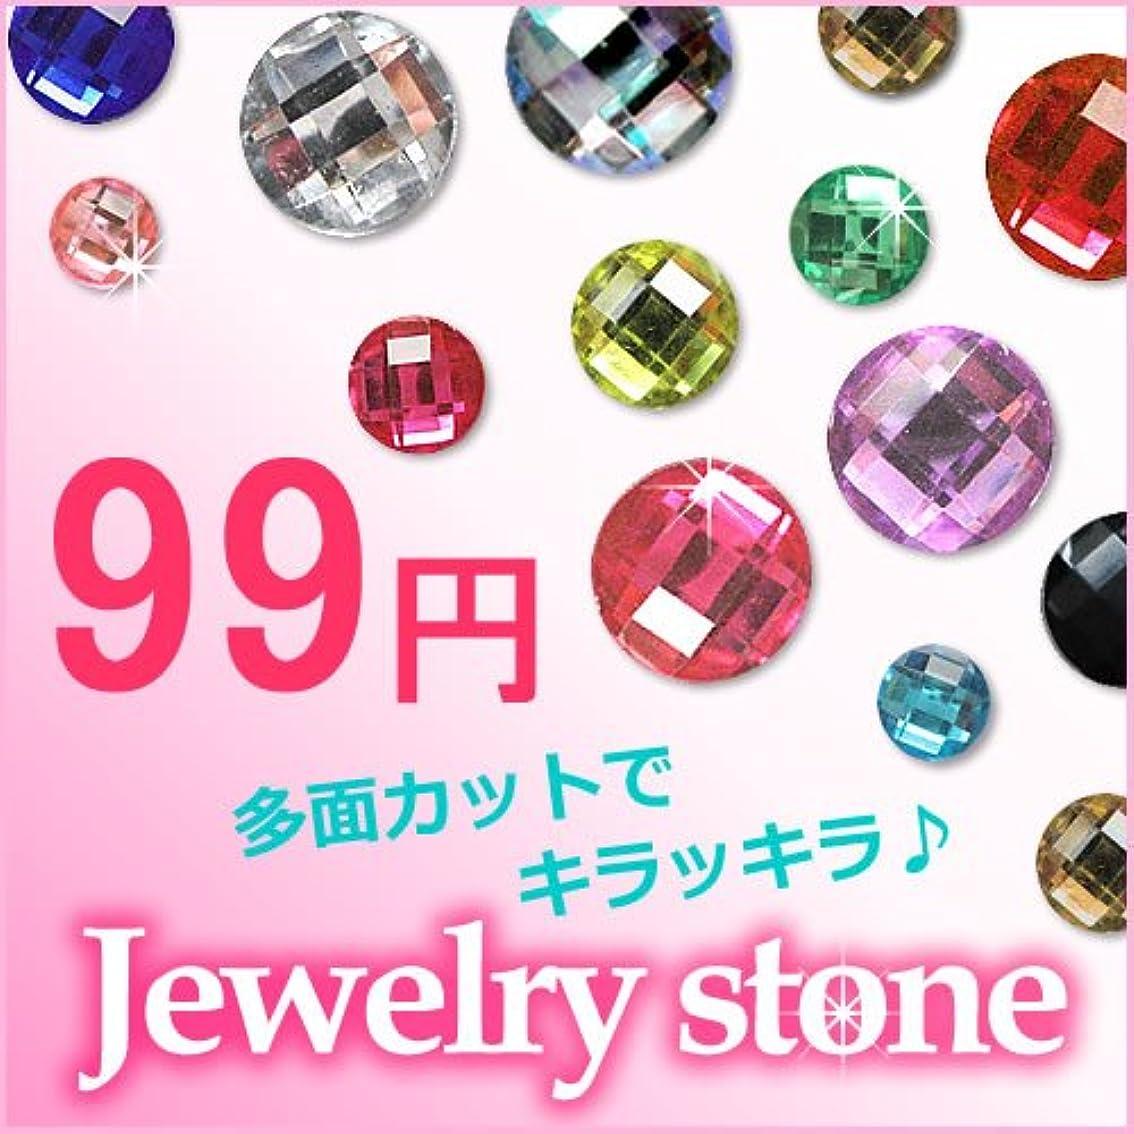 長々と宣言受け入れたアクリル 宝石カット ジュエリー ラインストーン デコ電 デコパーツ 8mm(24粒) レッド